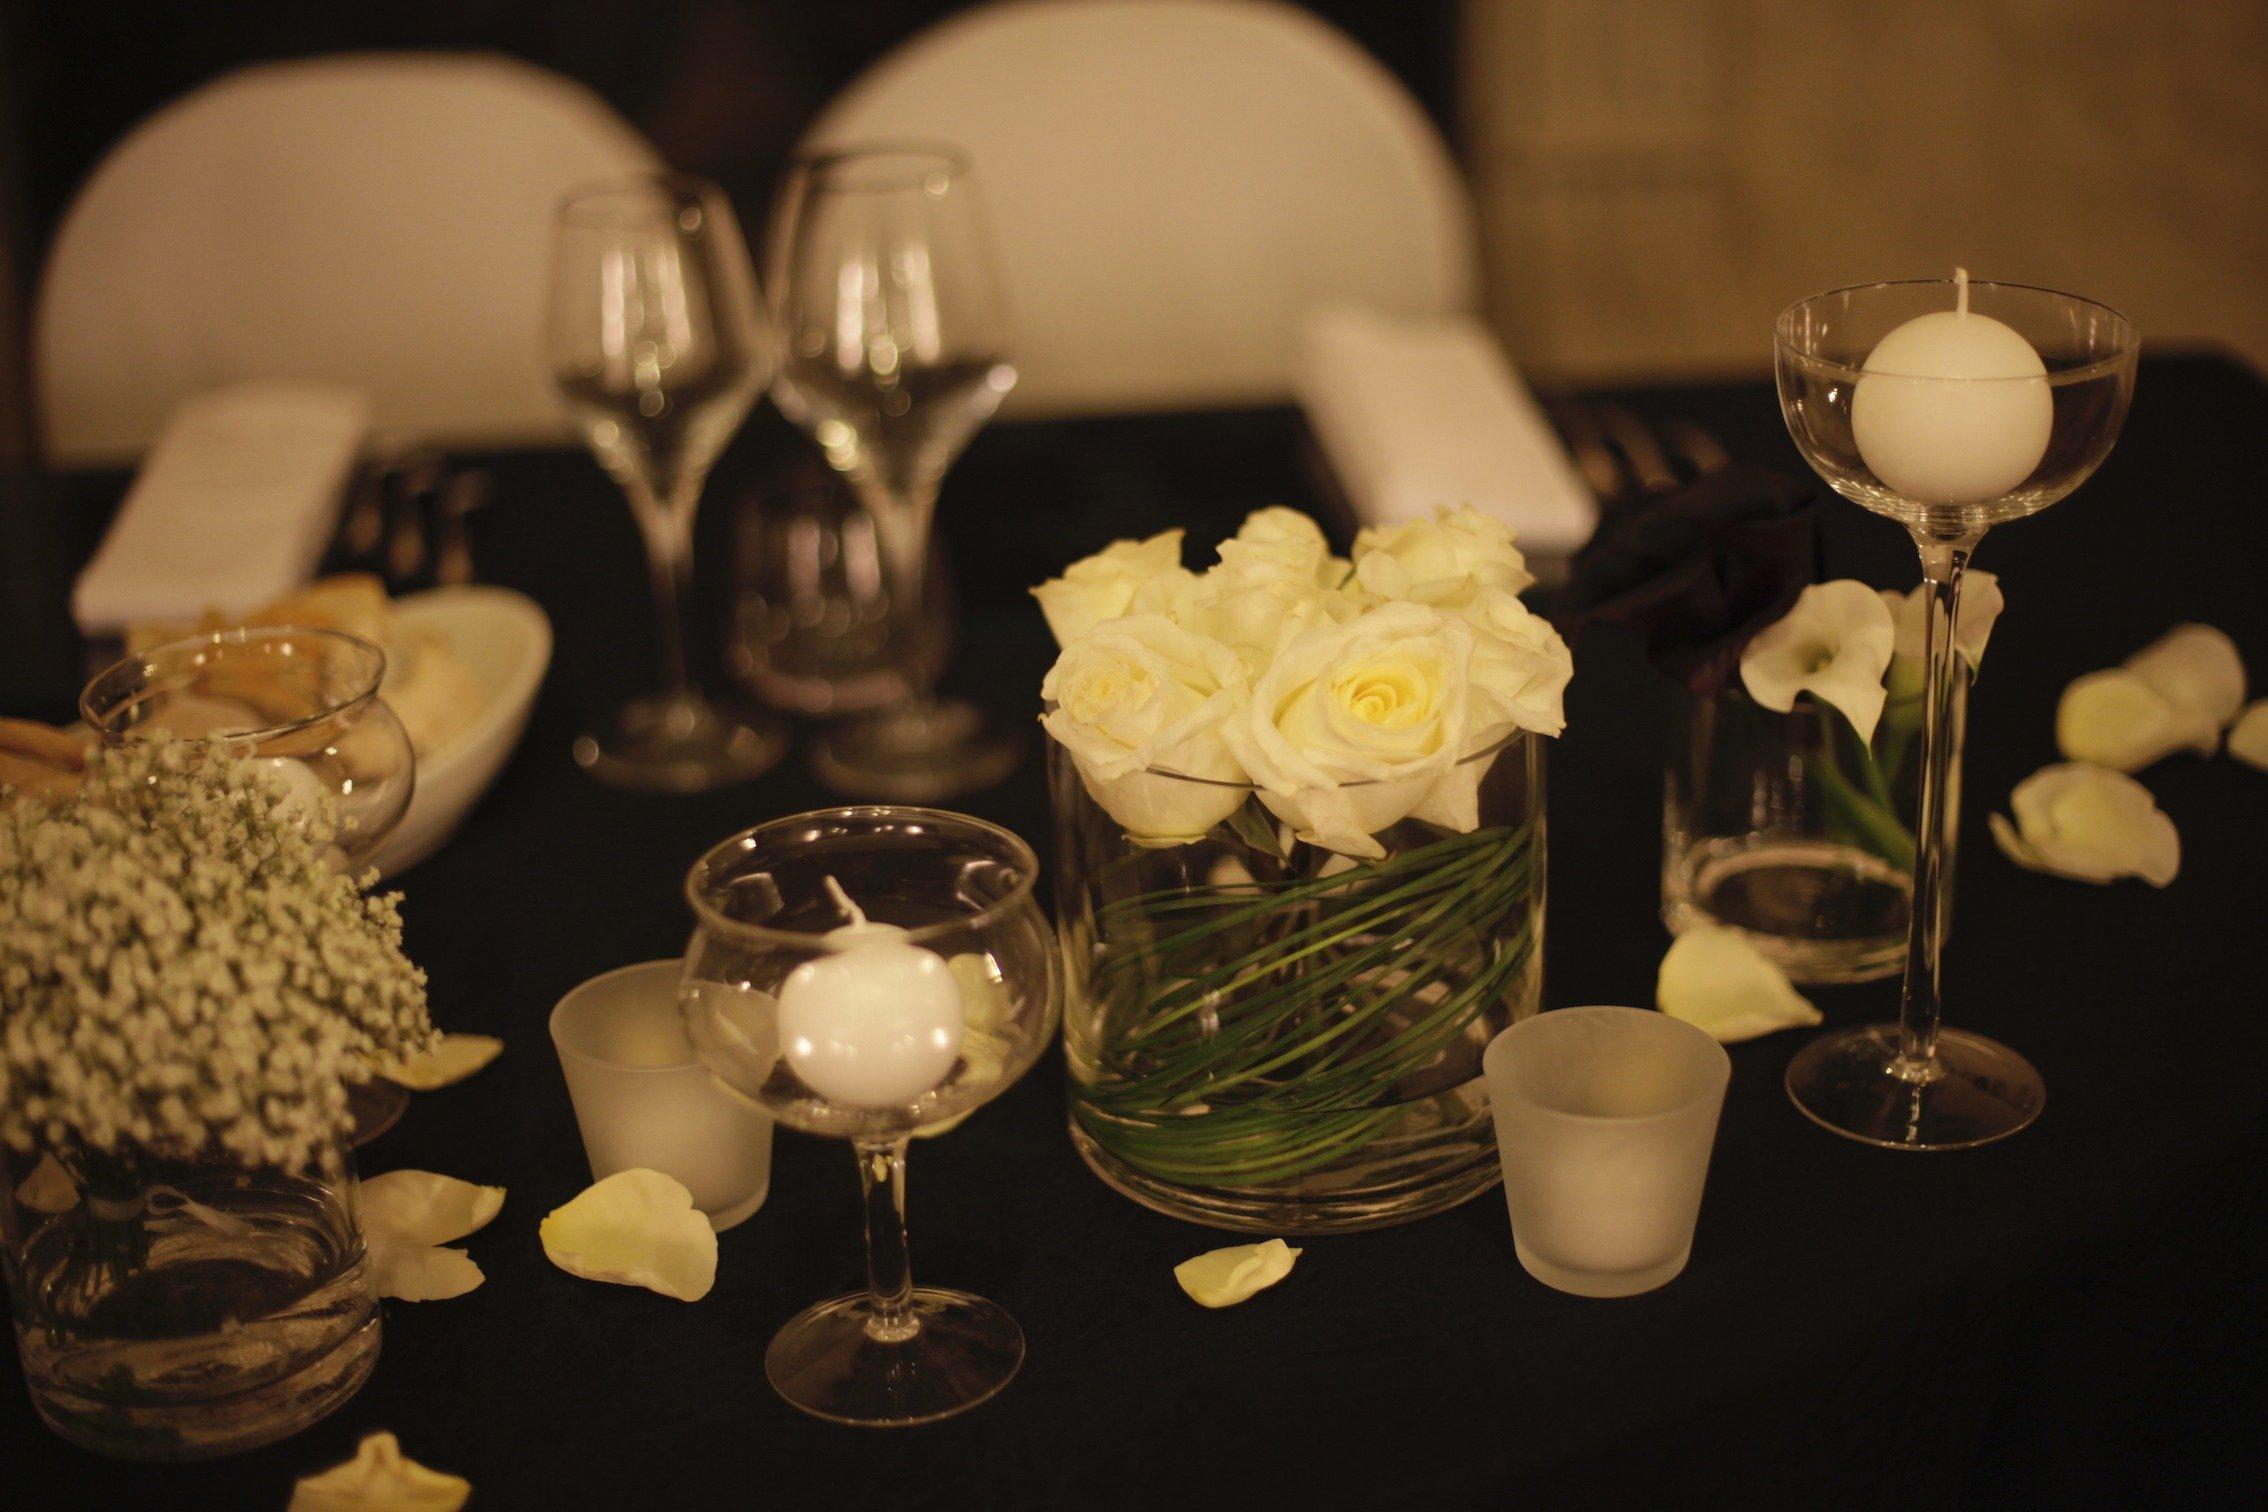 matrimonio bianco e nero - Antonella Amato Wedding Planner 3